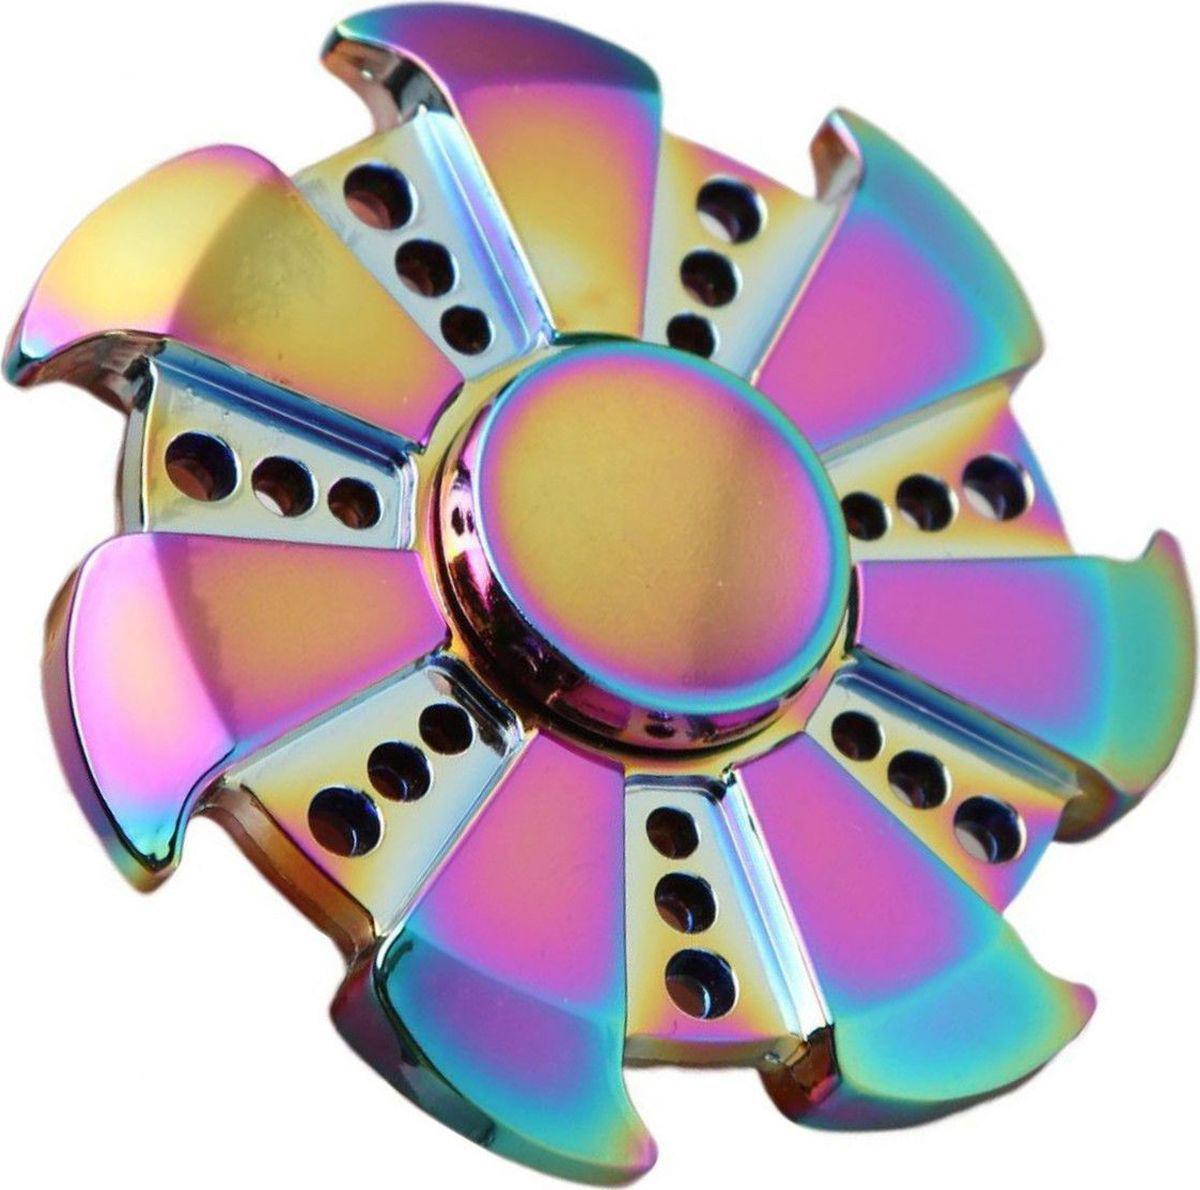 TipTop Спиннер-экзотика Колесо цвет радужный ВР-00000947 tiptop спиннер штурвал цвет розовый